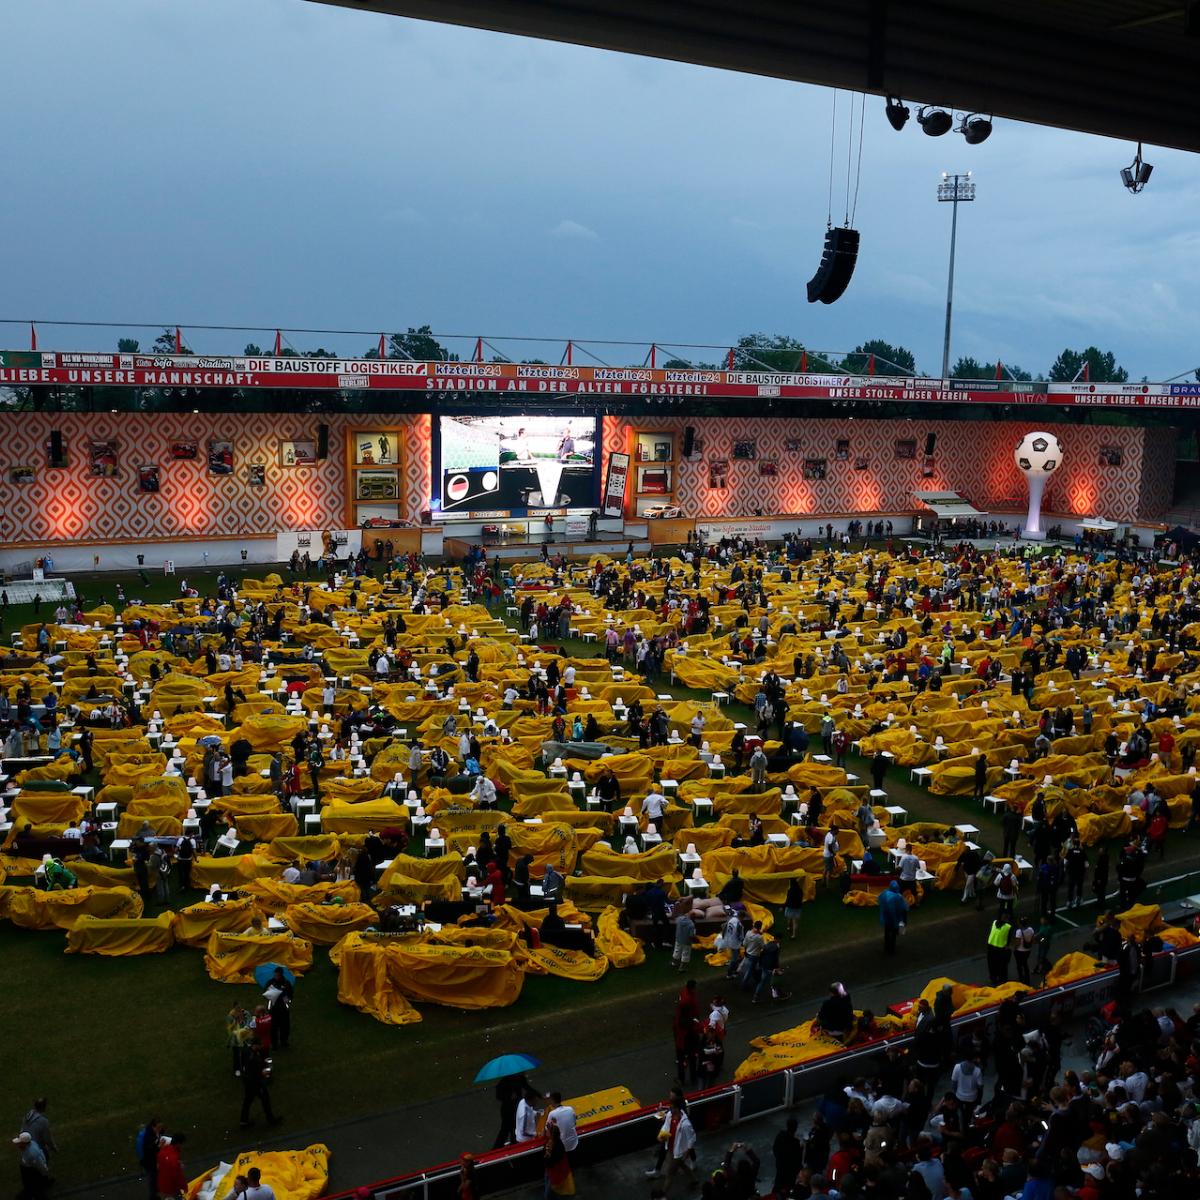 Stadion An der Alten Foersterei WM-Wohnzimmer